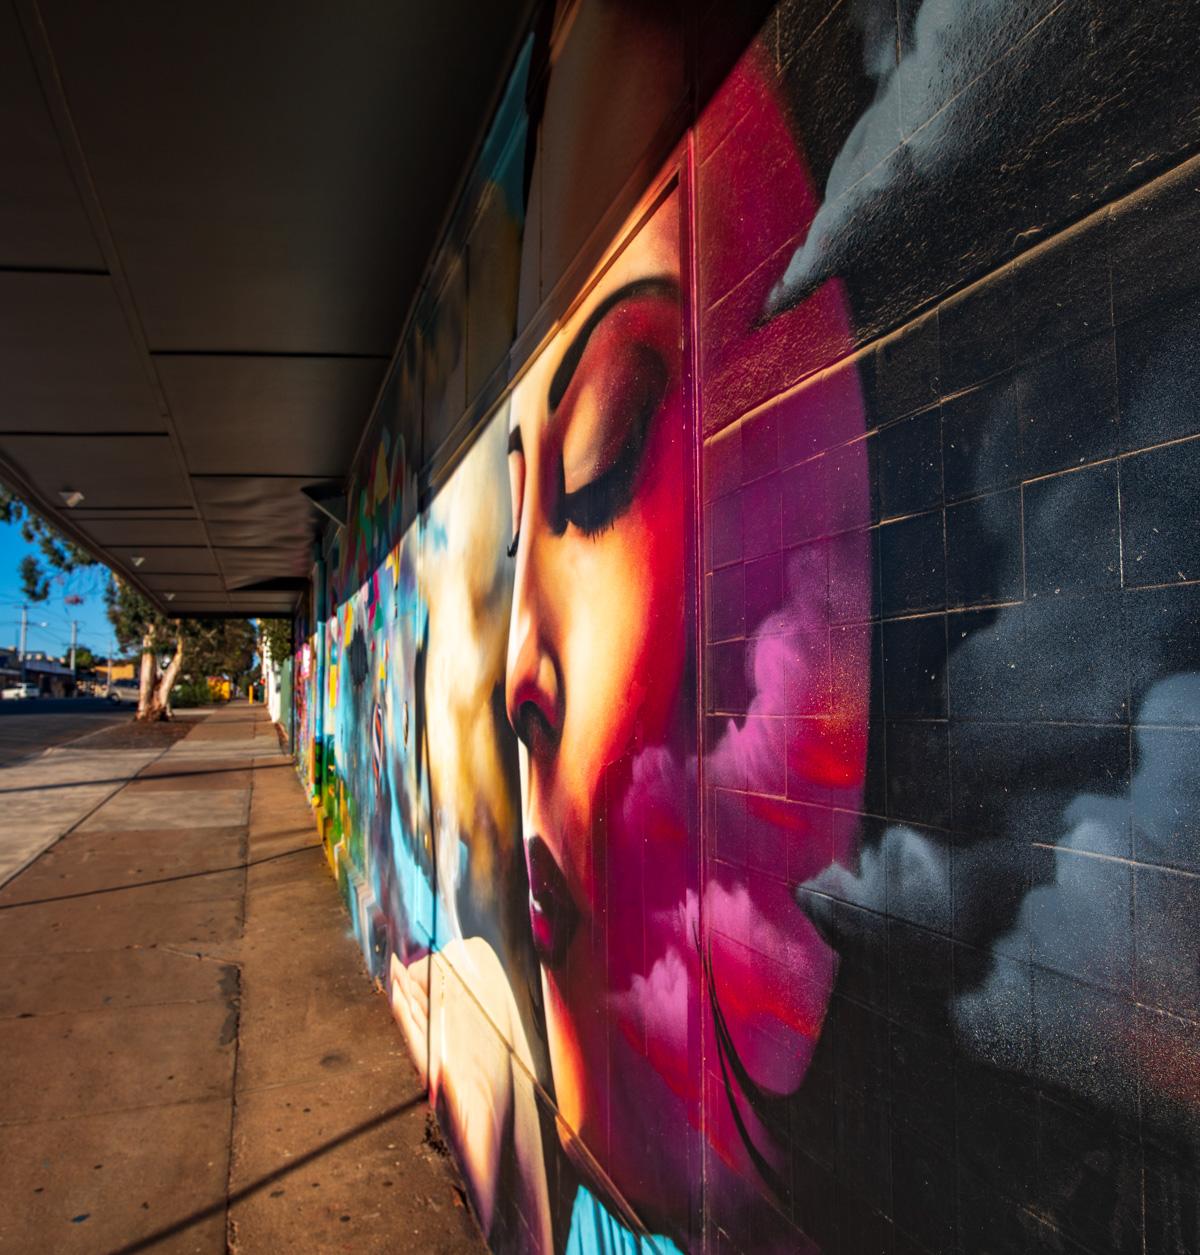 Street Art by Heesco in Broken Hill NSW, Australia